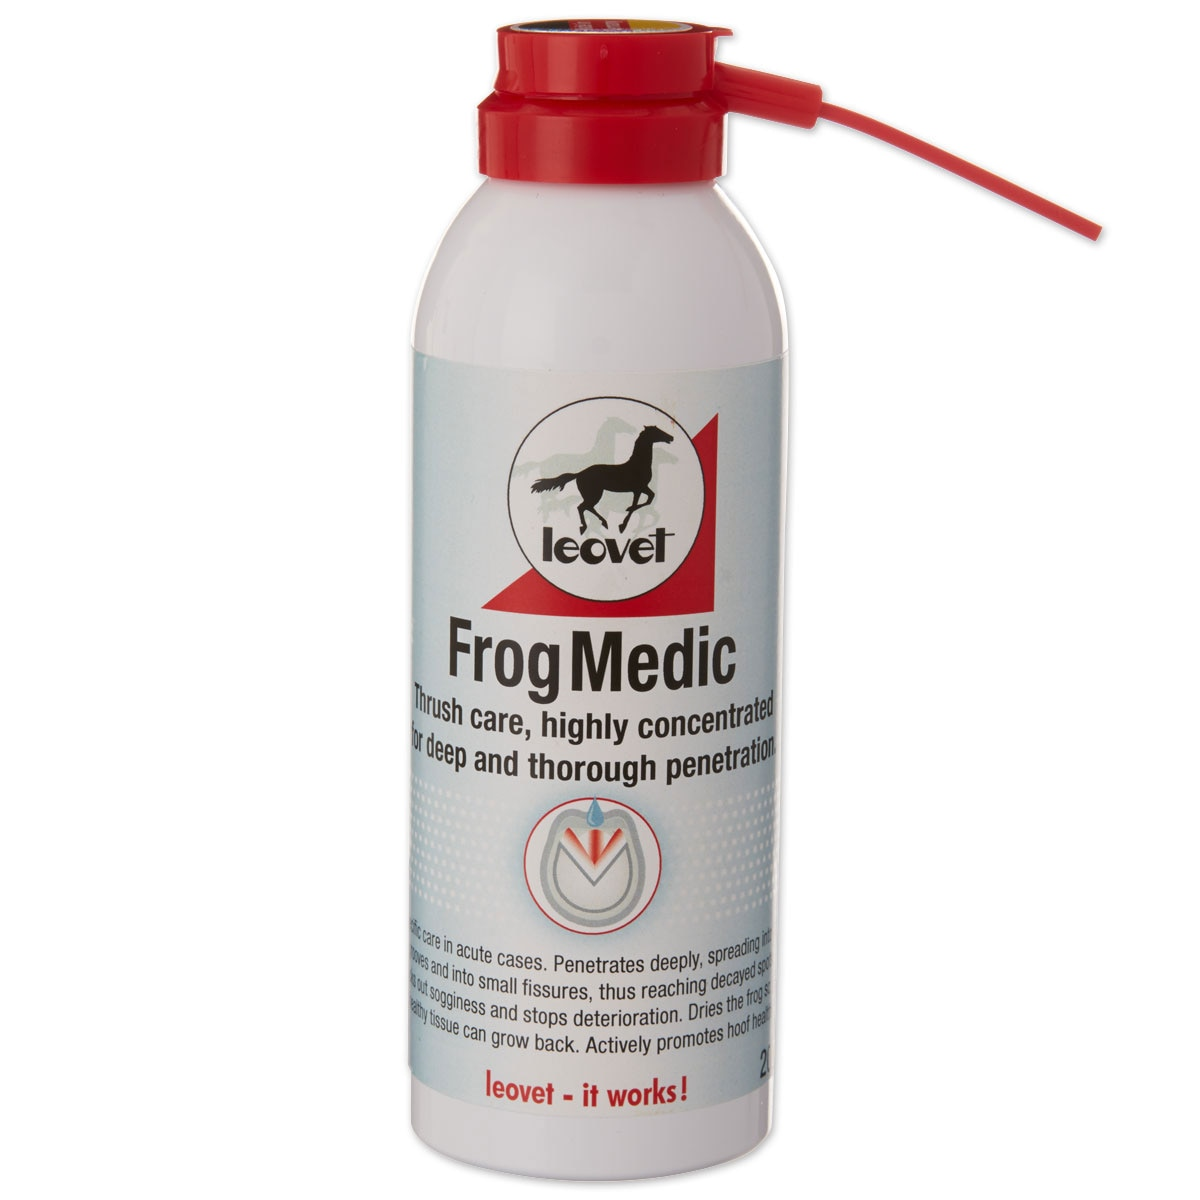 FrogMedic